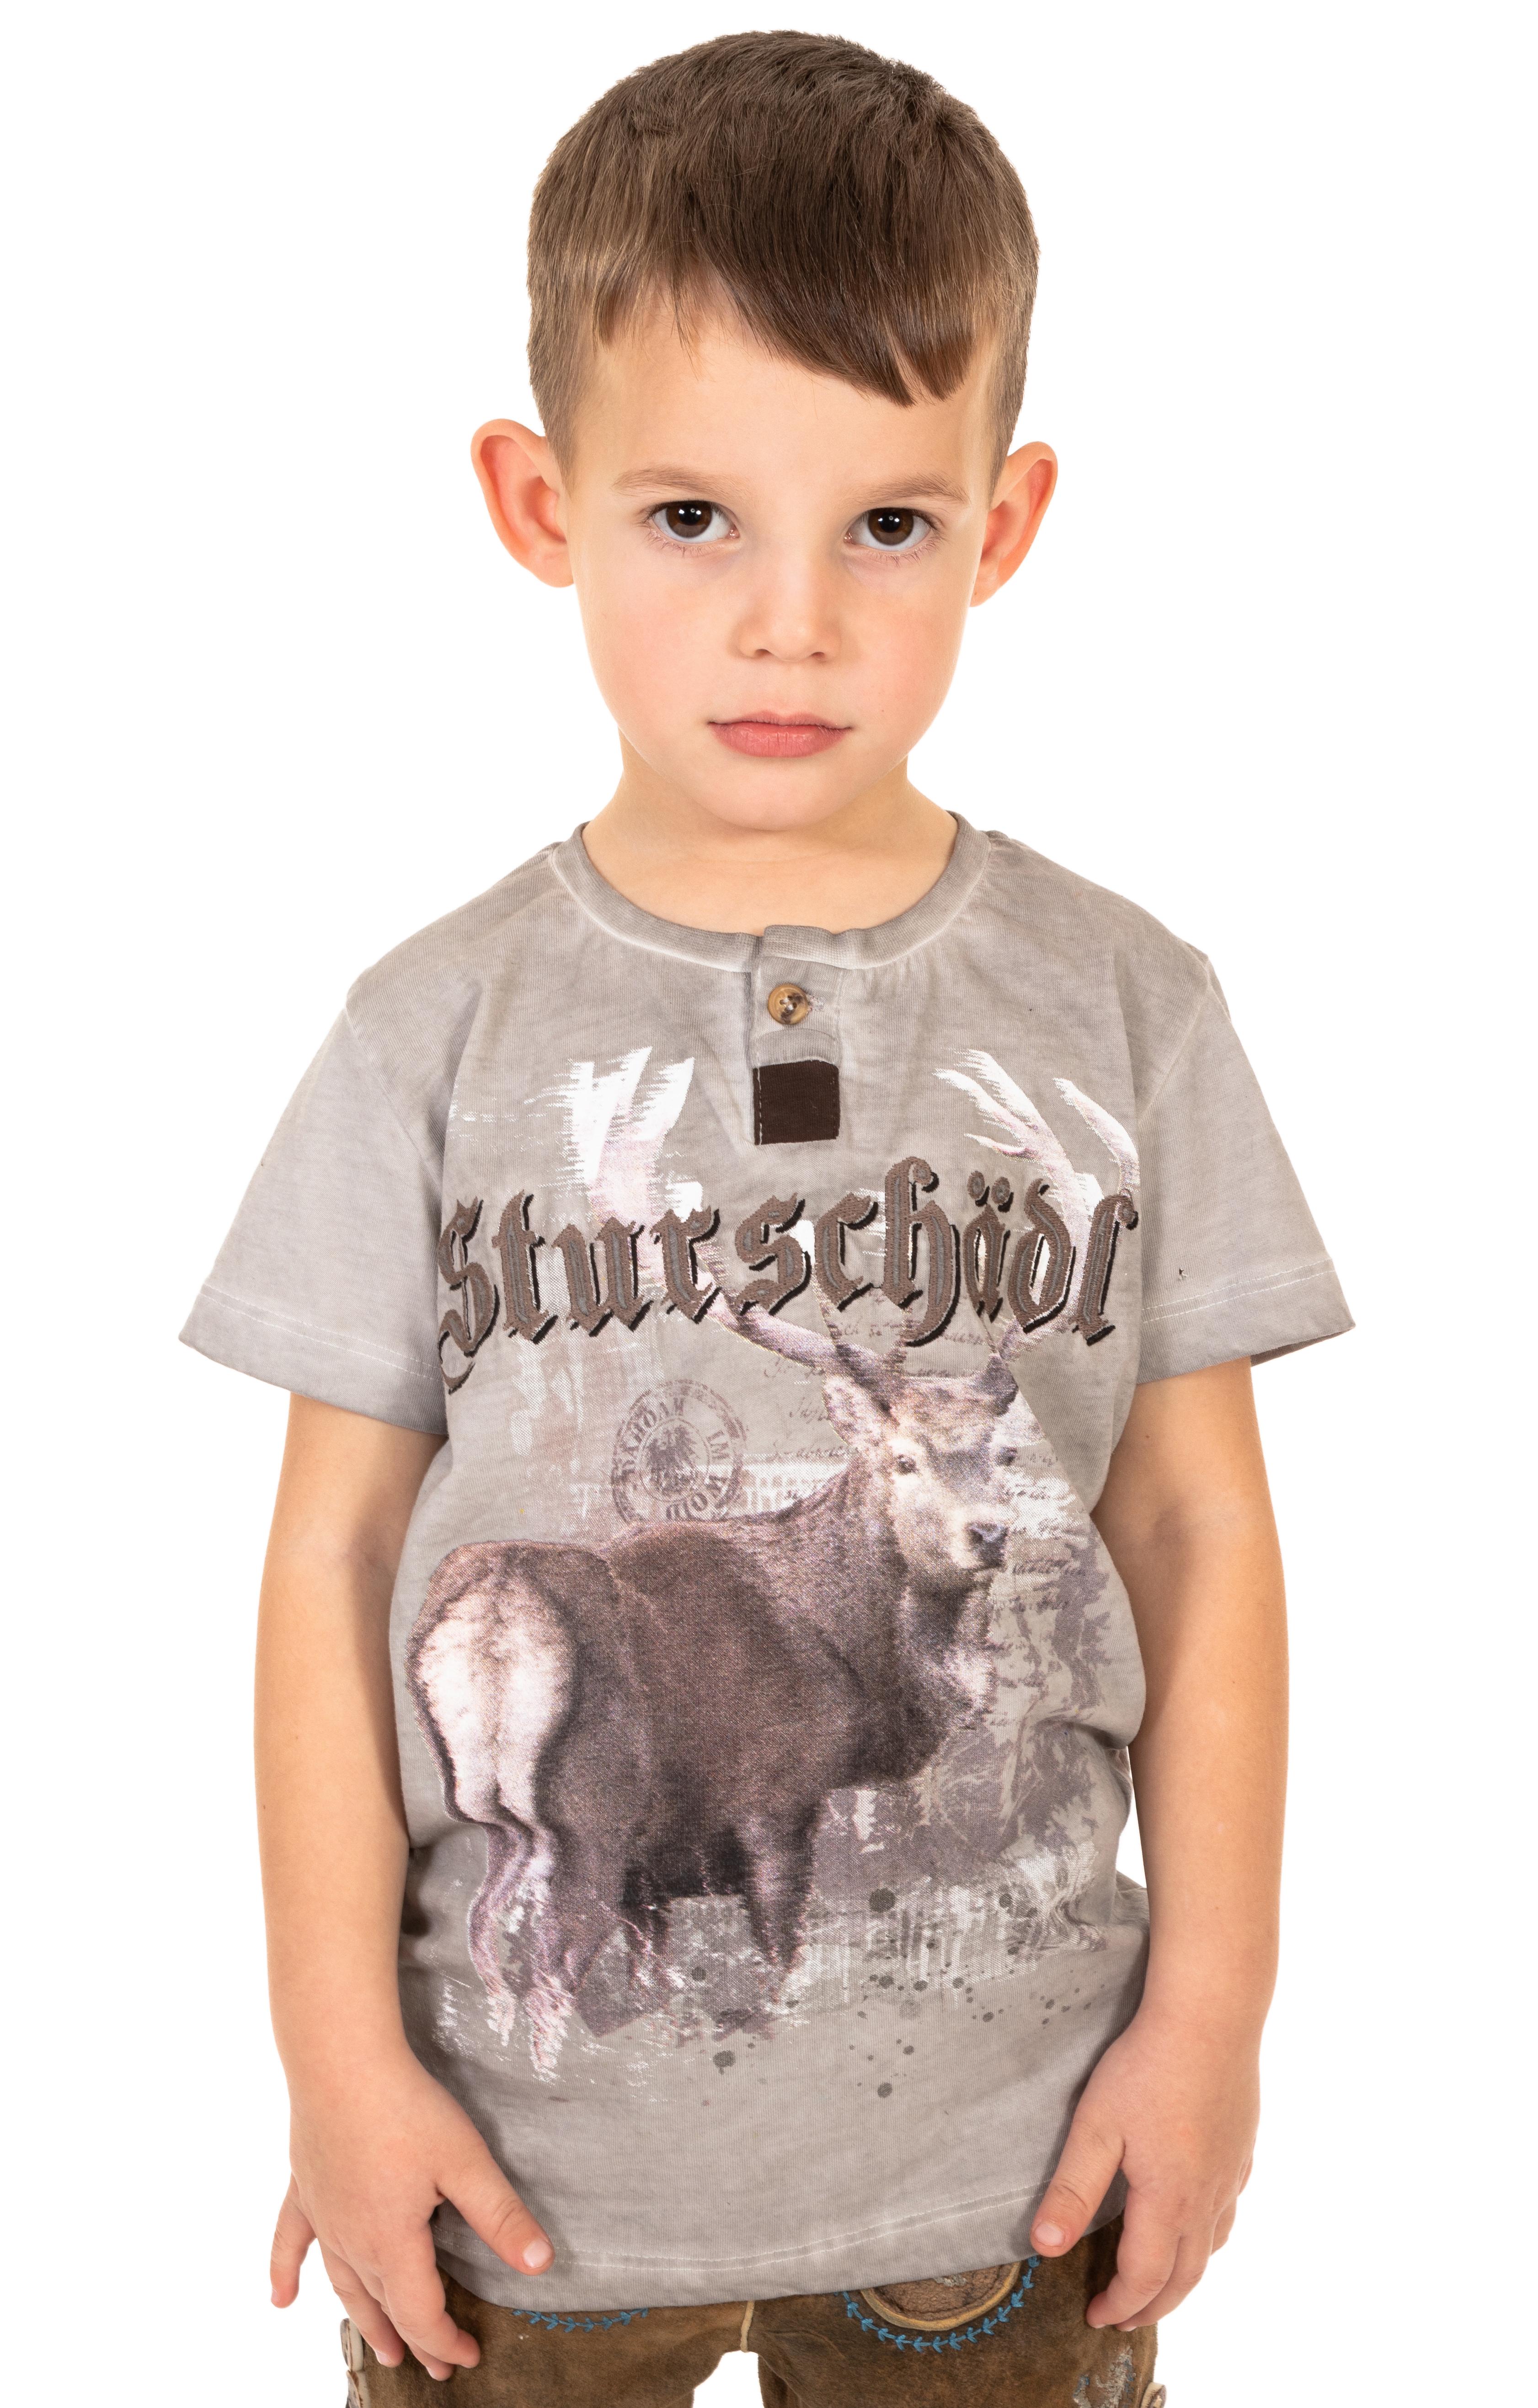 Children traditional shirt M28 - STURSCHAEDEL-KIDS gray von Marjo